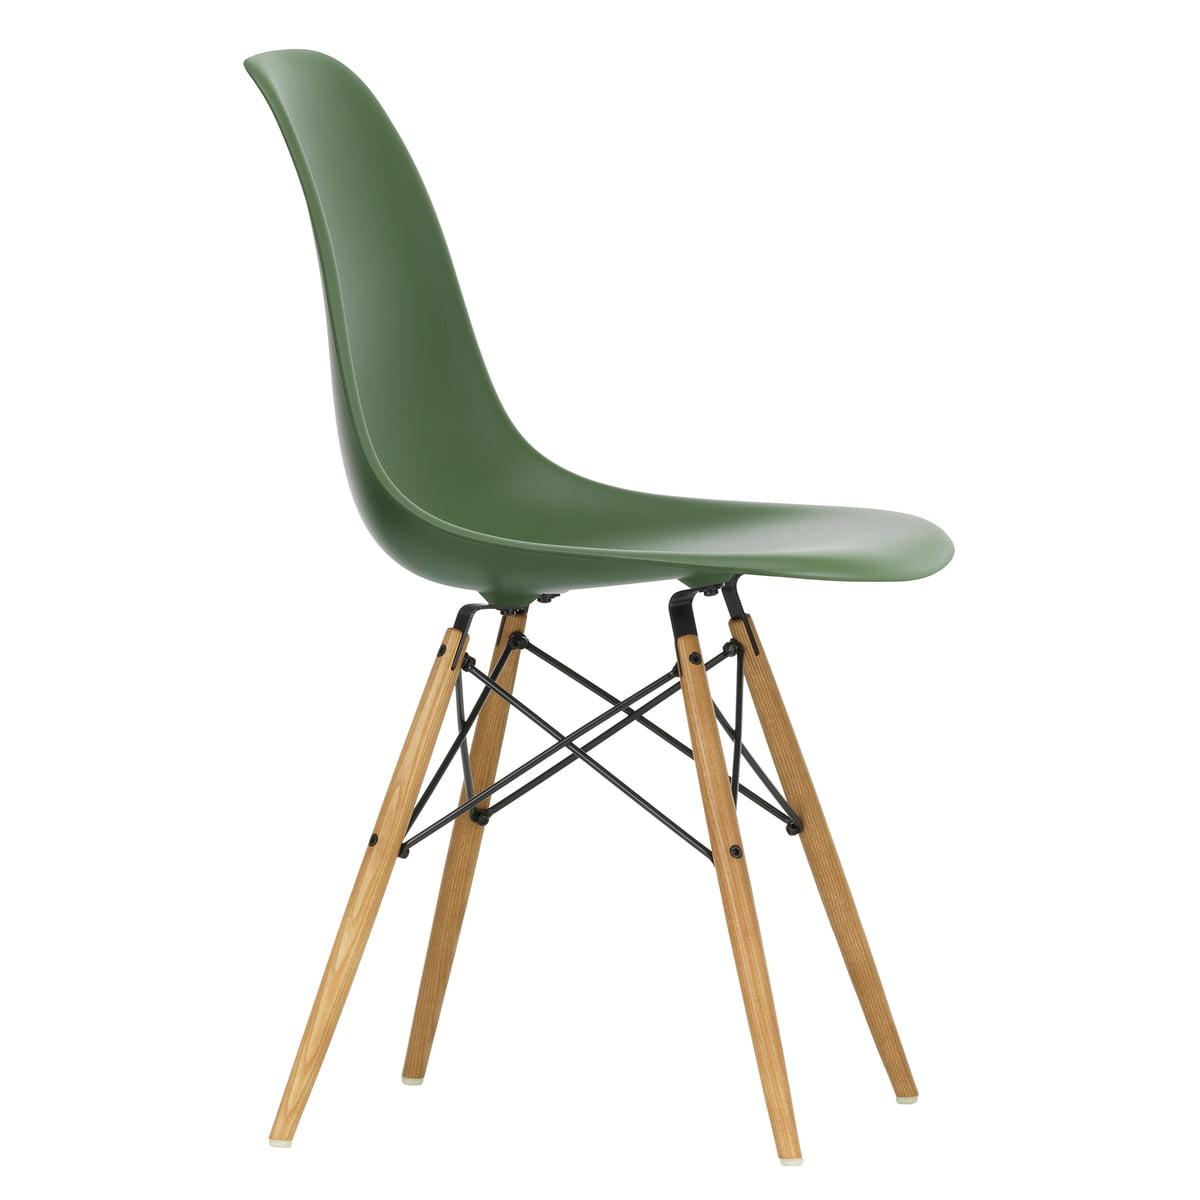 Vitra - Eames Plastic Side Chair DSW, Ahorn gelblich / forest (Filzgleiter weiß)   Küche und Esszimmer > Stühle und Hocker > Esszimmerstühle   Forest   Vitra